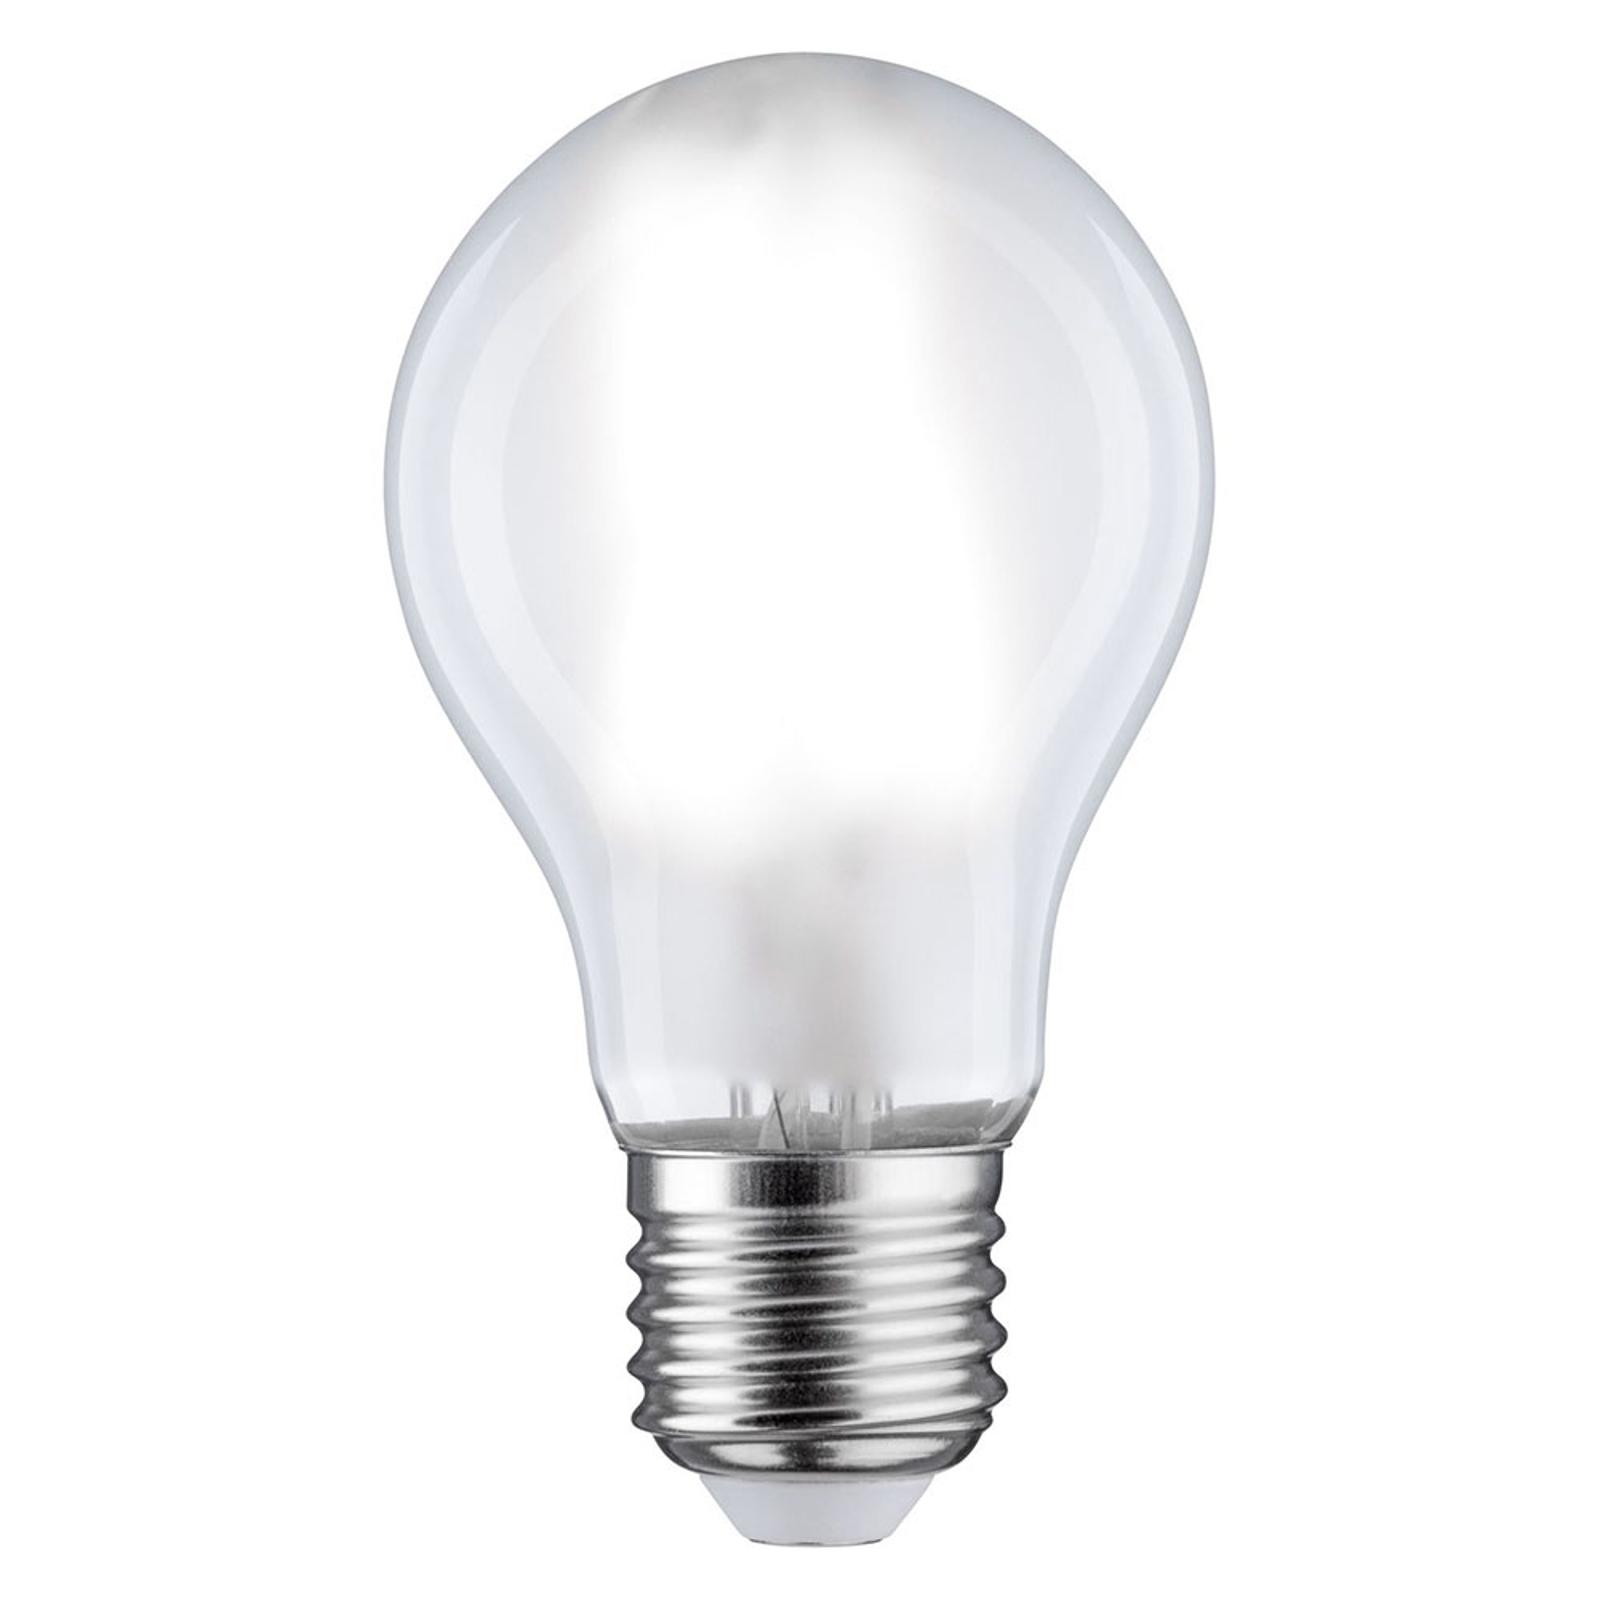 Paulmann LED žárovka E27 7,5W 865 806lm stmívací